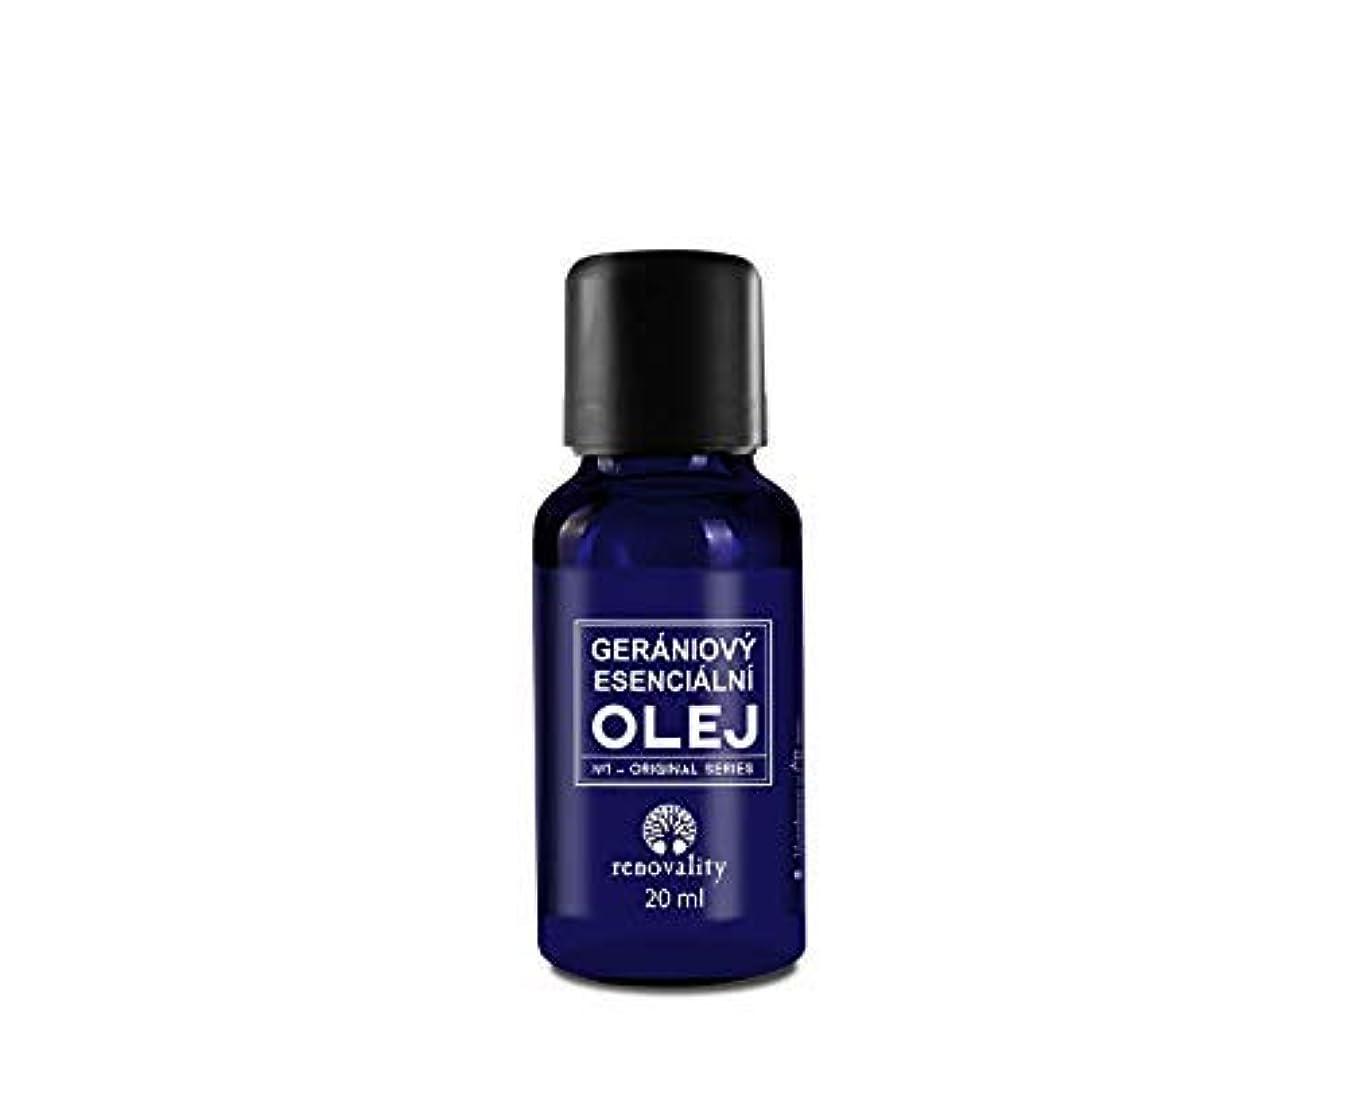 本を読む加害者ブリード100% BIO Geranium Essential Oil 20ml Made in Czech Republic / 100%バイオゼラニウムエッセンシャルオイル20mlチェコ共和国製